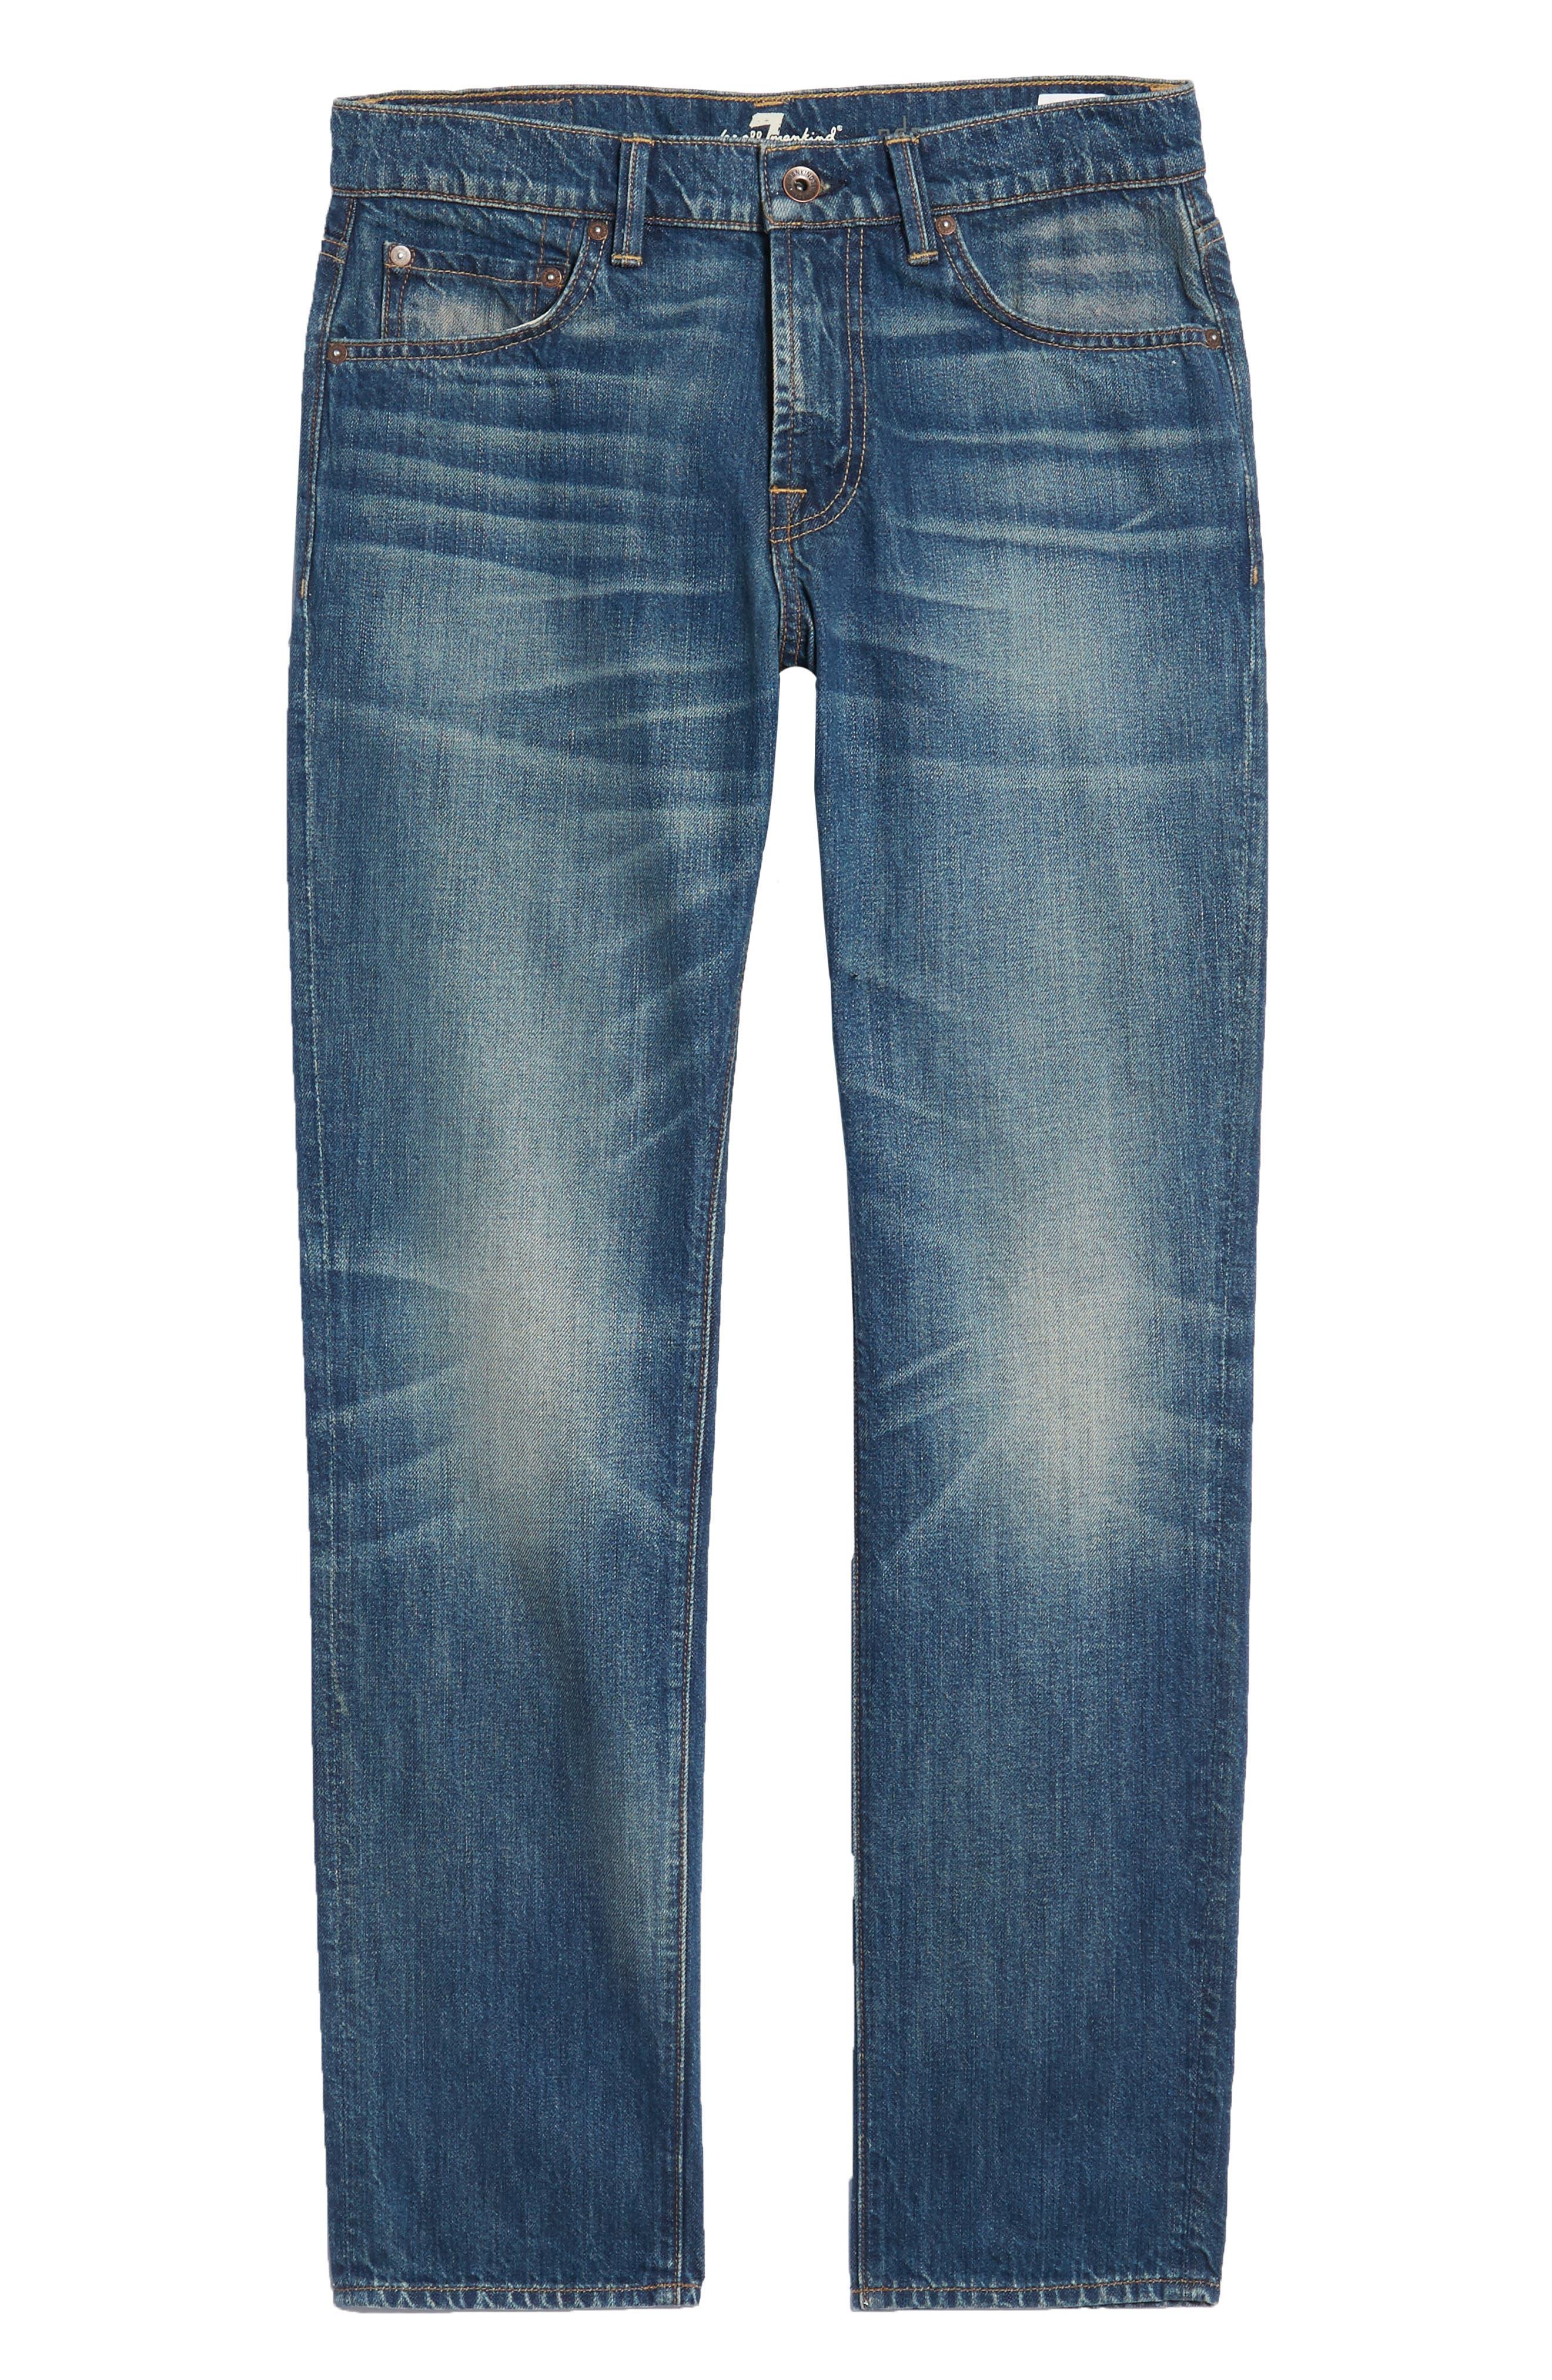 Adrien Slim Fit Jeans,                             Alternate thumbnail 6, color,                             LEGEND